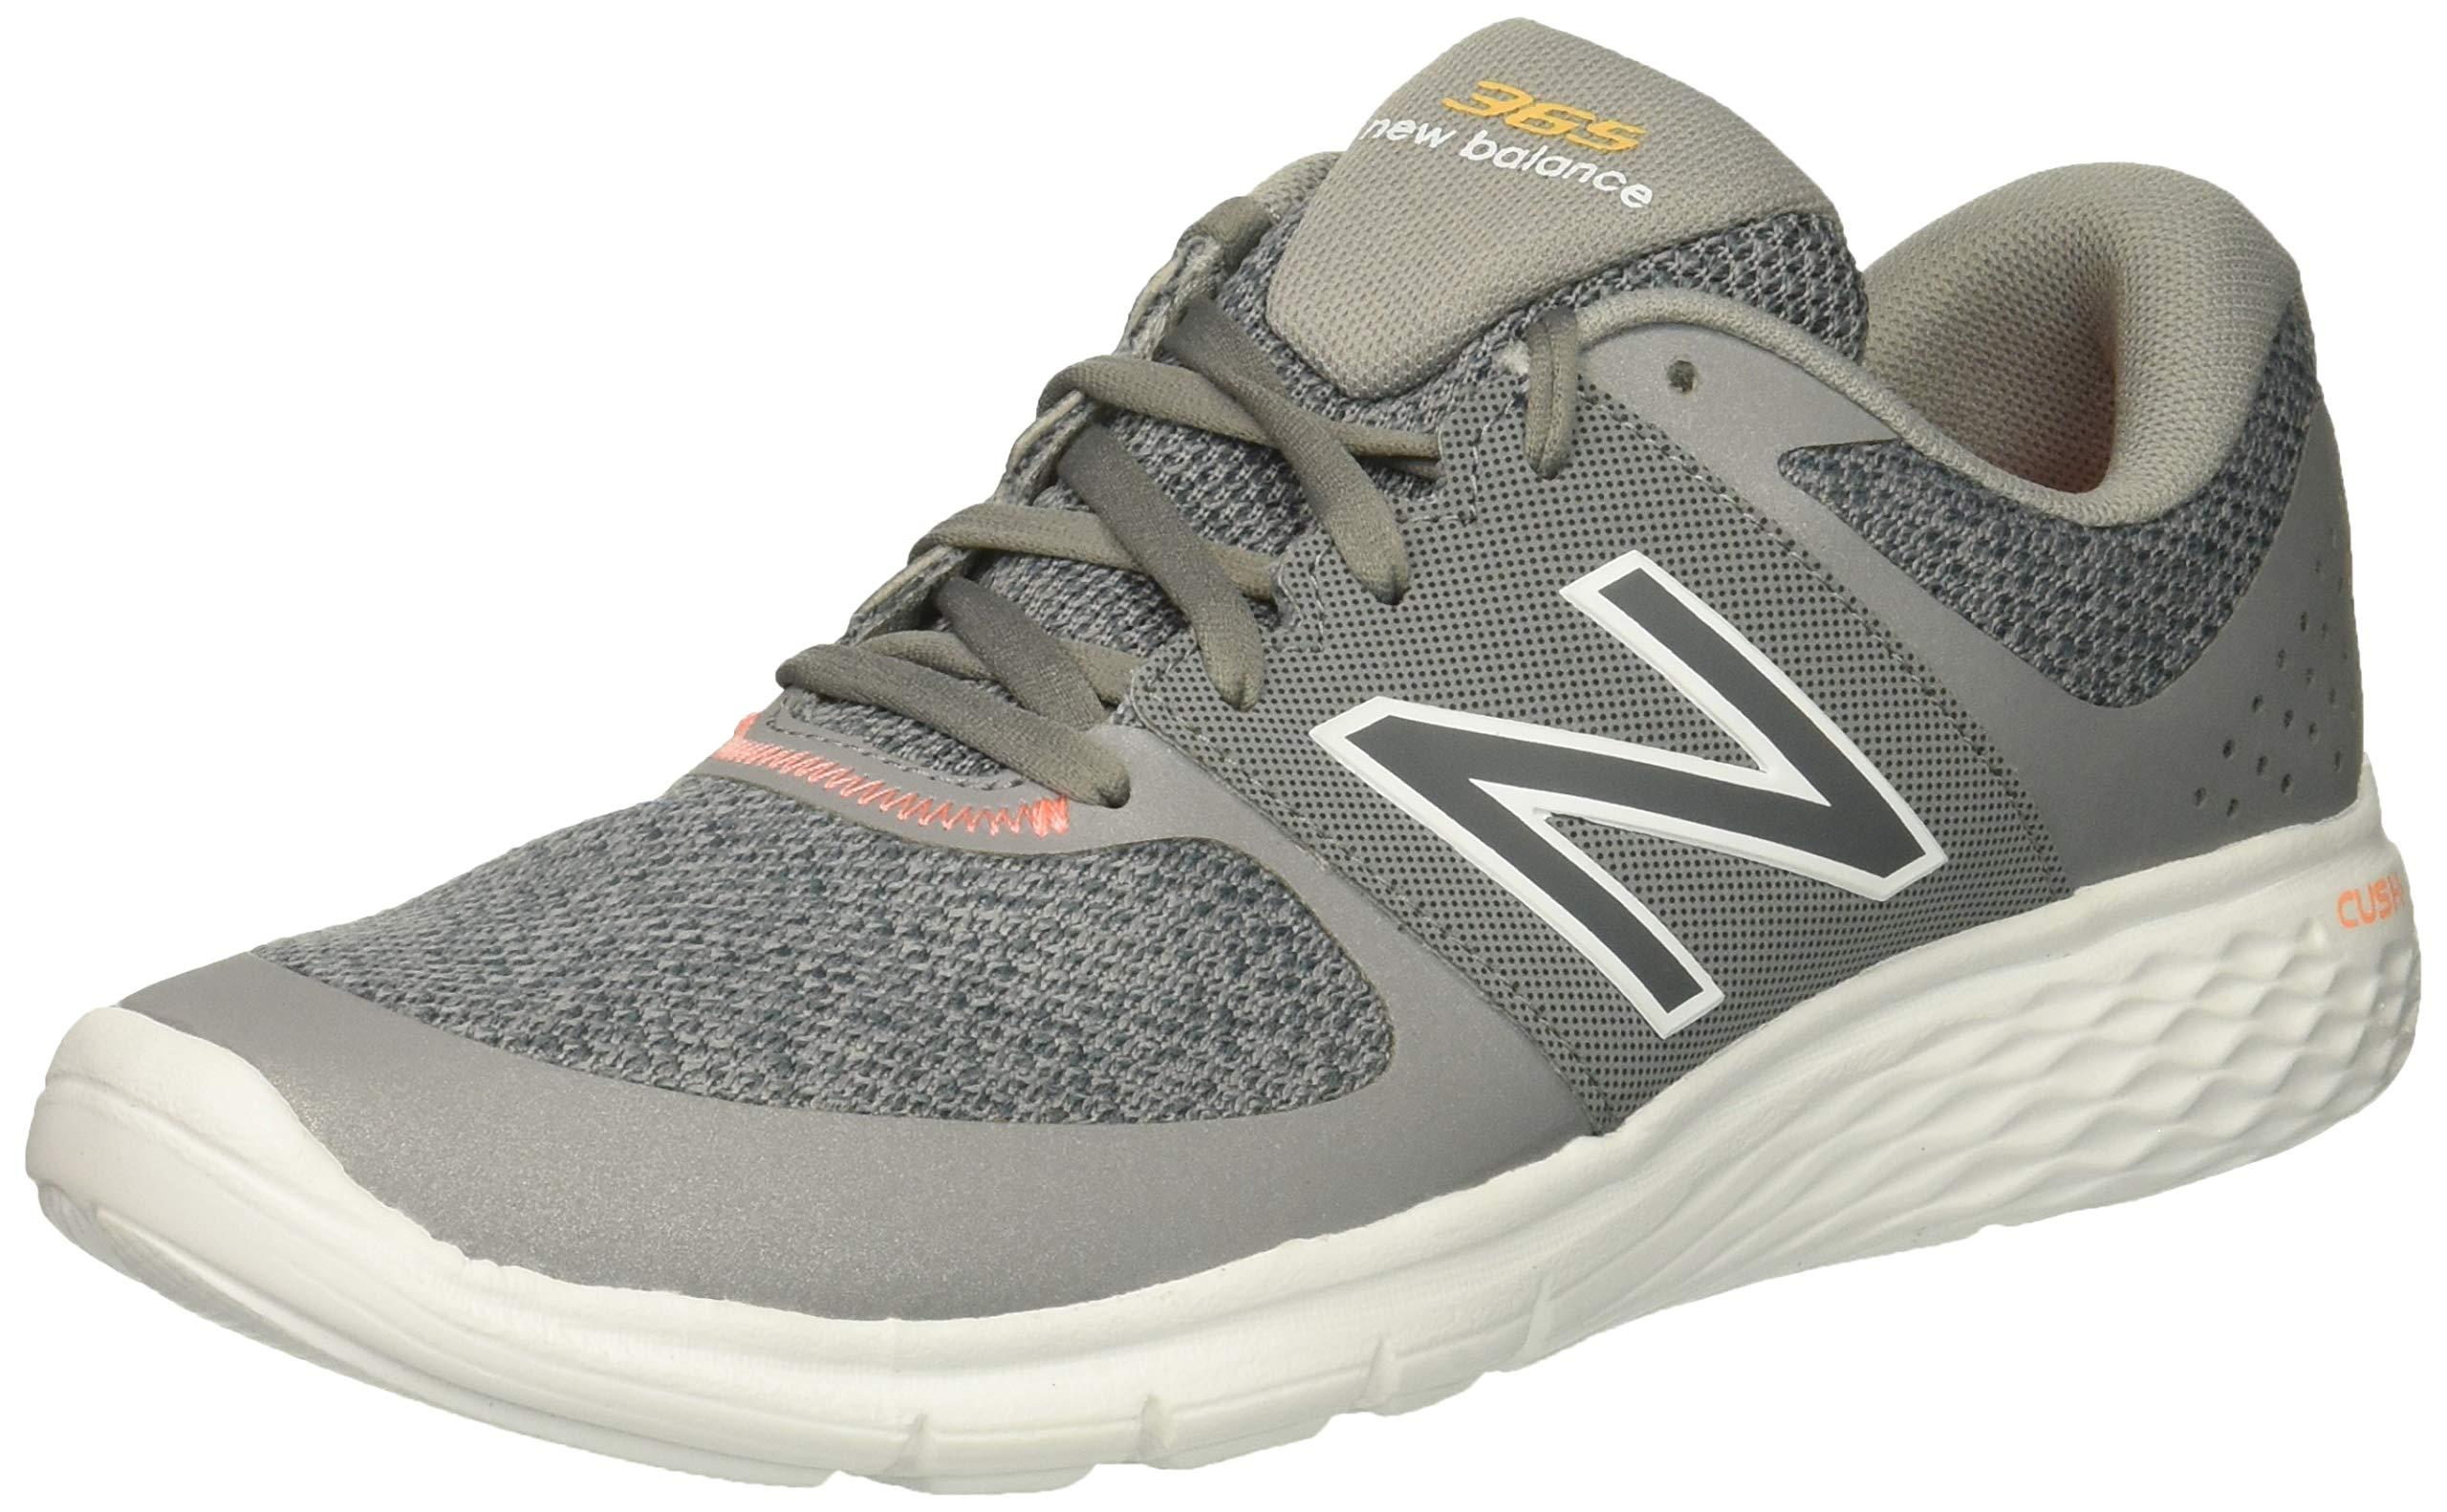 WA365v1 CUSH + Walking Shoe, Grey